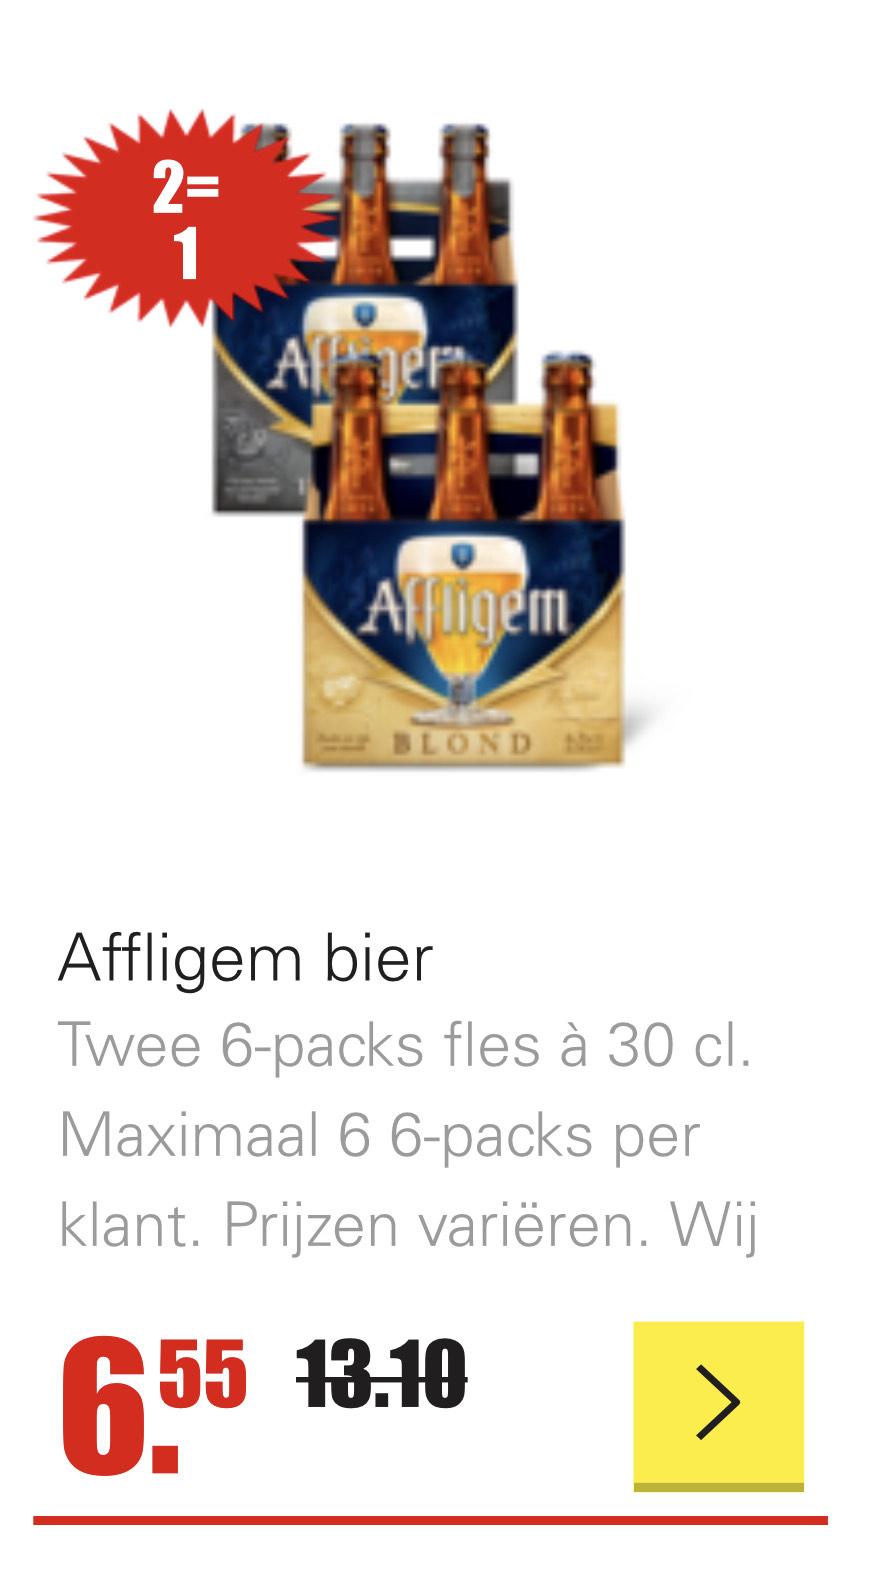 2=1 Diverse soorten Affligem bier bij Dirk